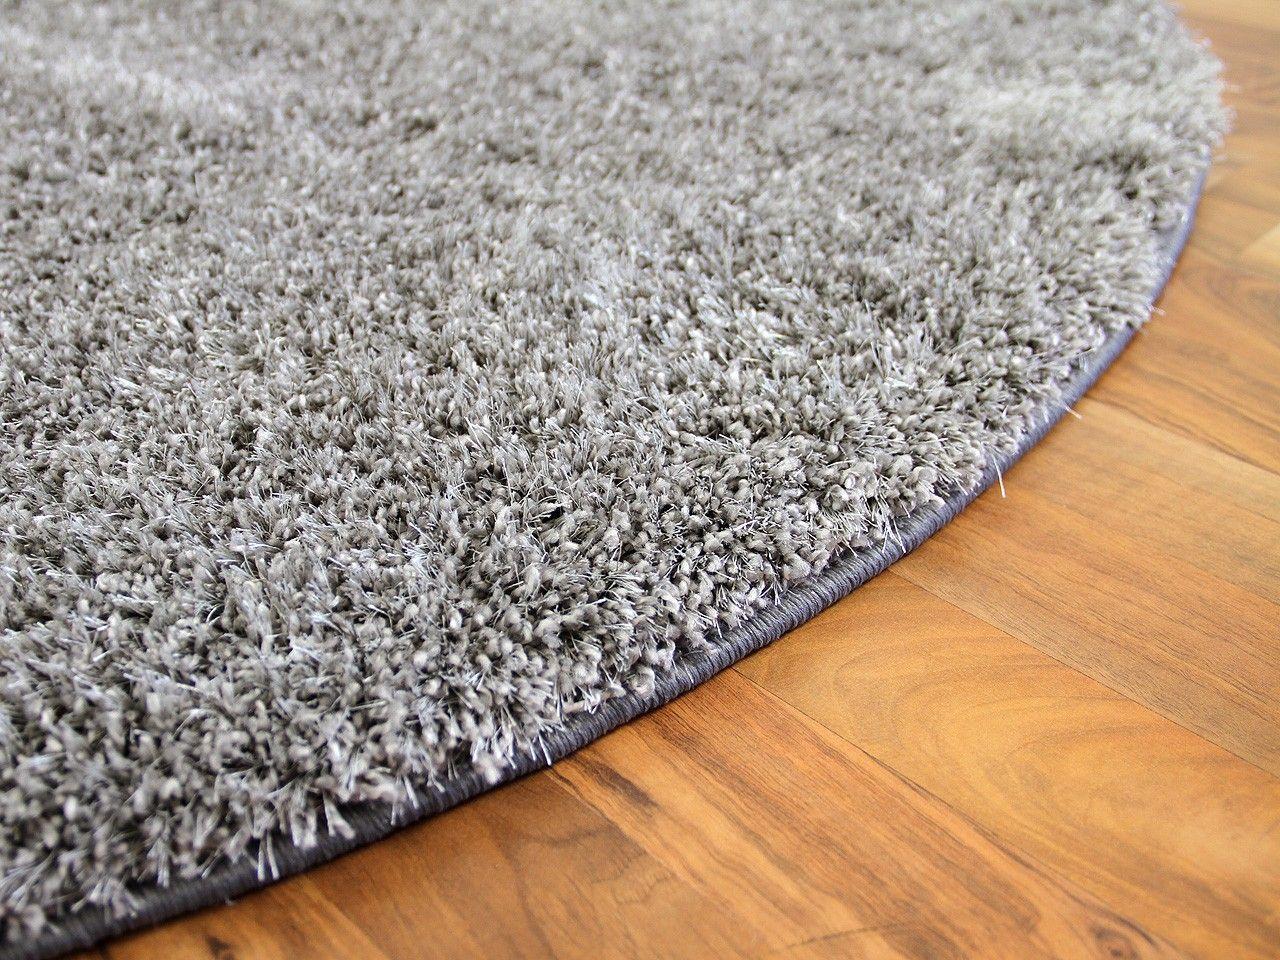 Hochflor Shaggy Teppich Luxus Feeling Mix Silber Rund In 7 Grossen Langflor Teppich Shaggy Teppich Und Schwarzer Teppich